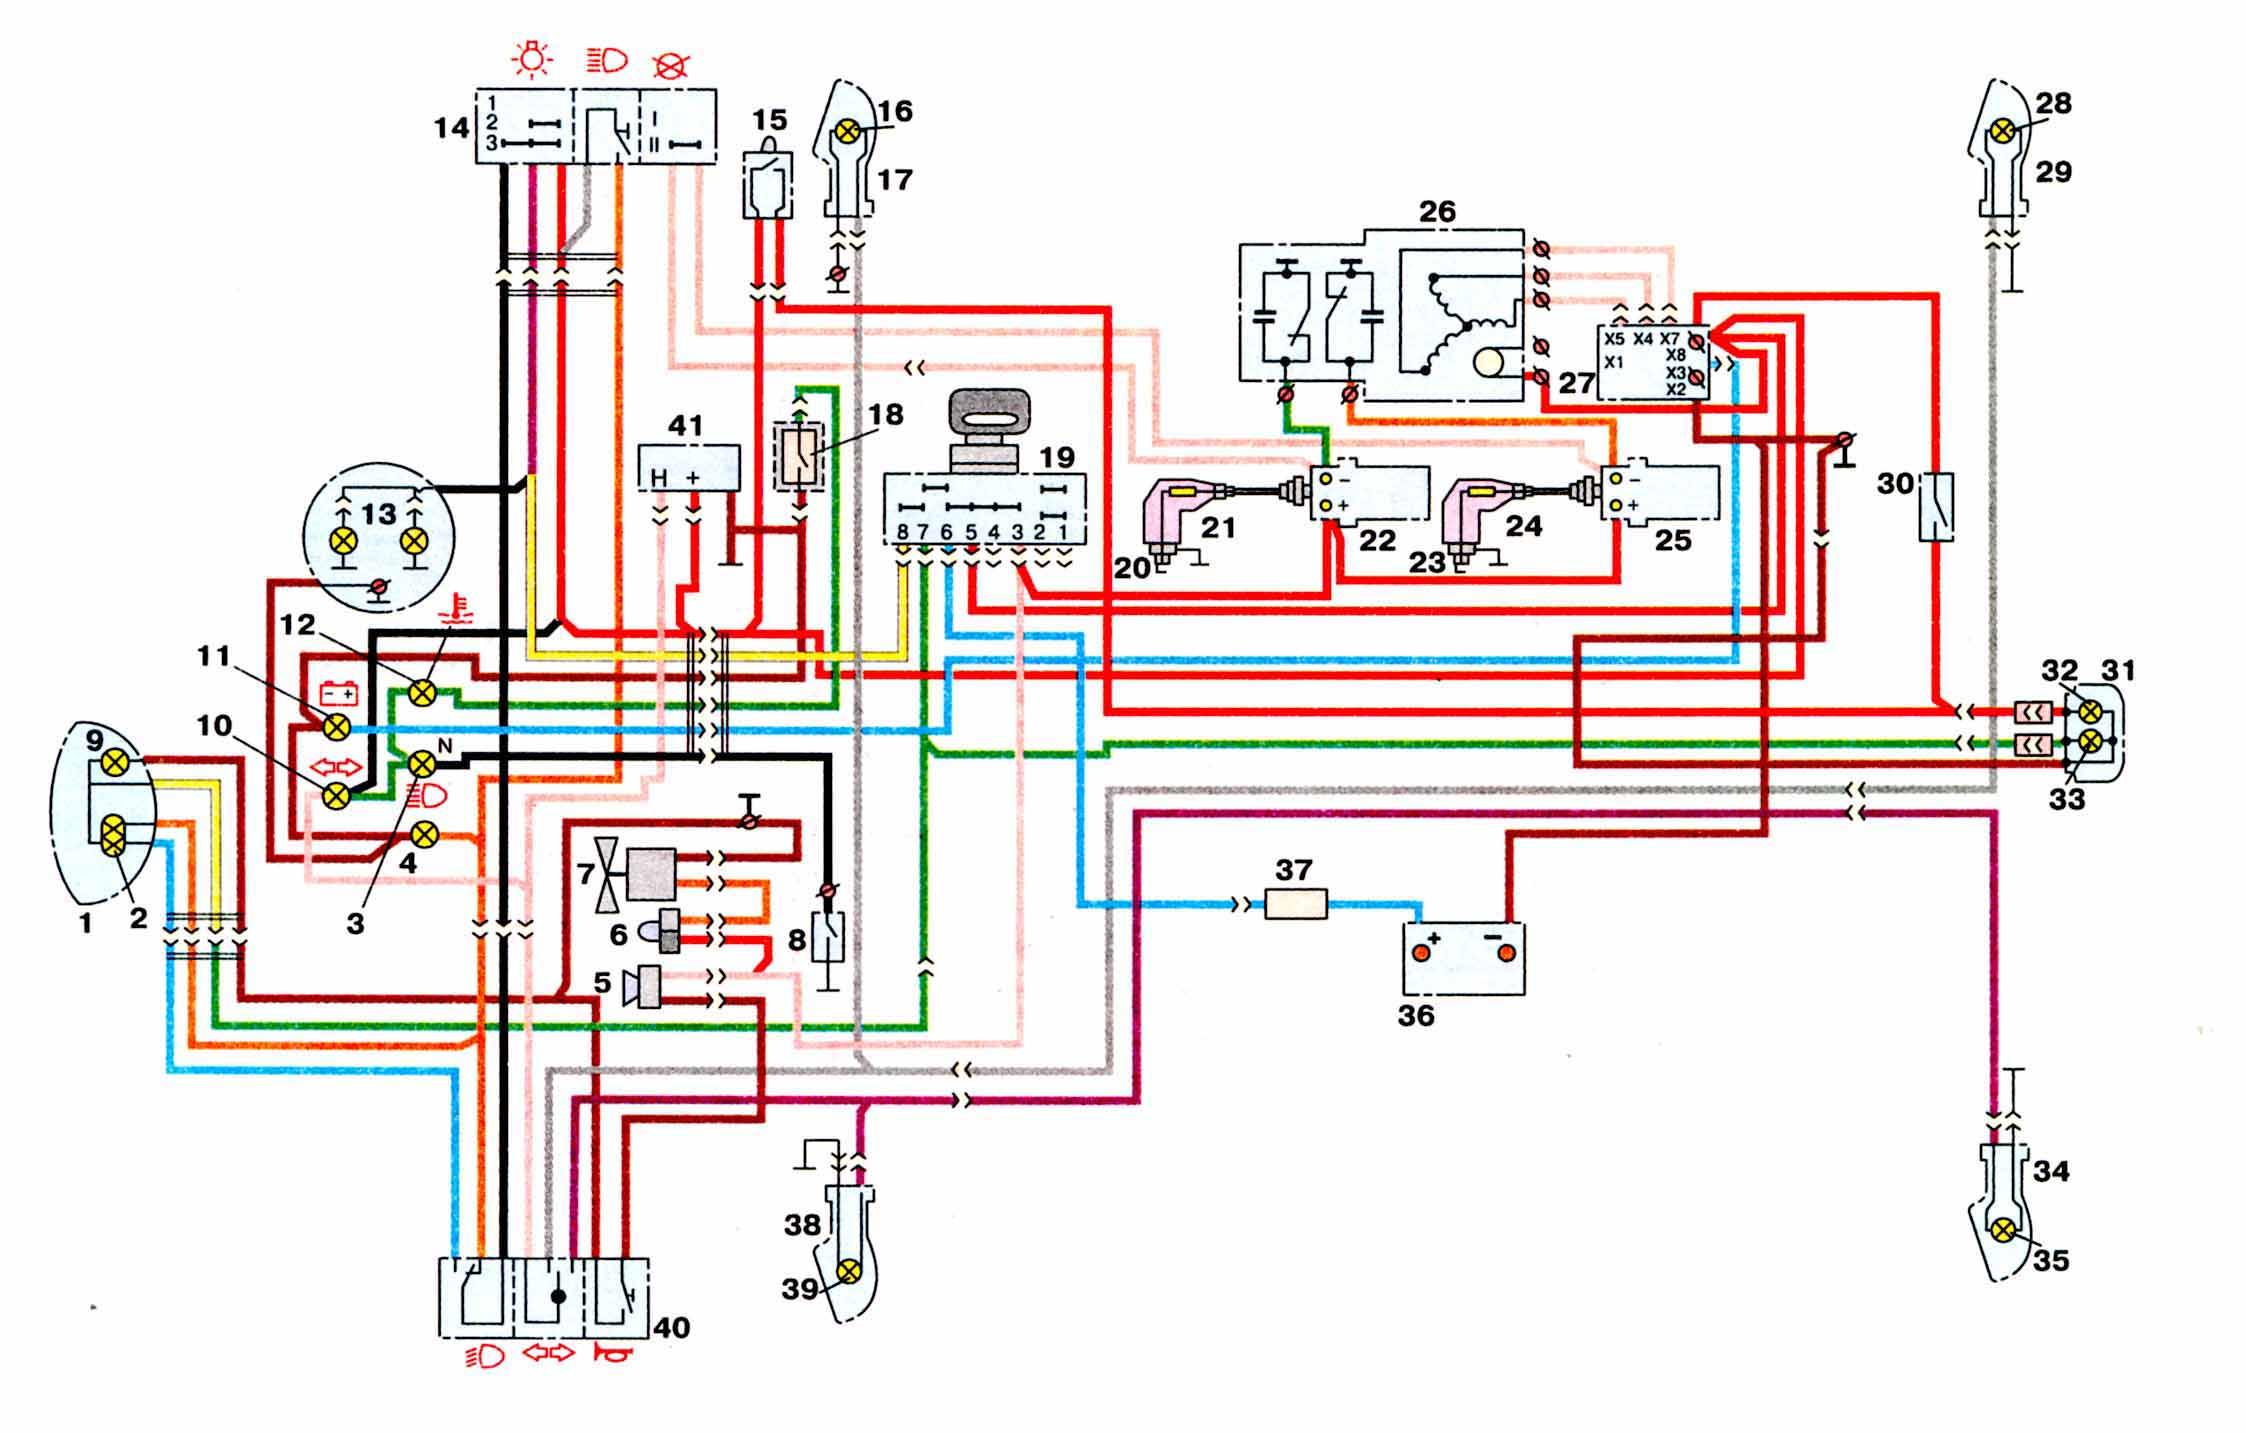 Персональный сайт - Схема электрооборудования мотоциклов ИЖ 6.113 (Юпитер-5) .